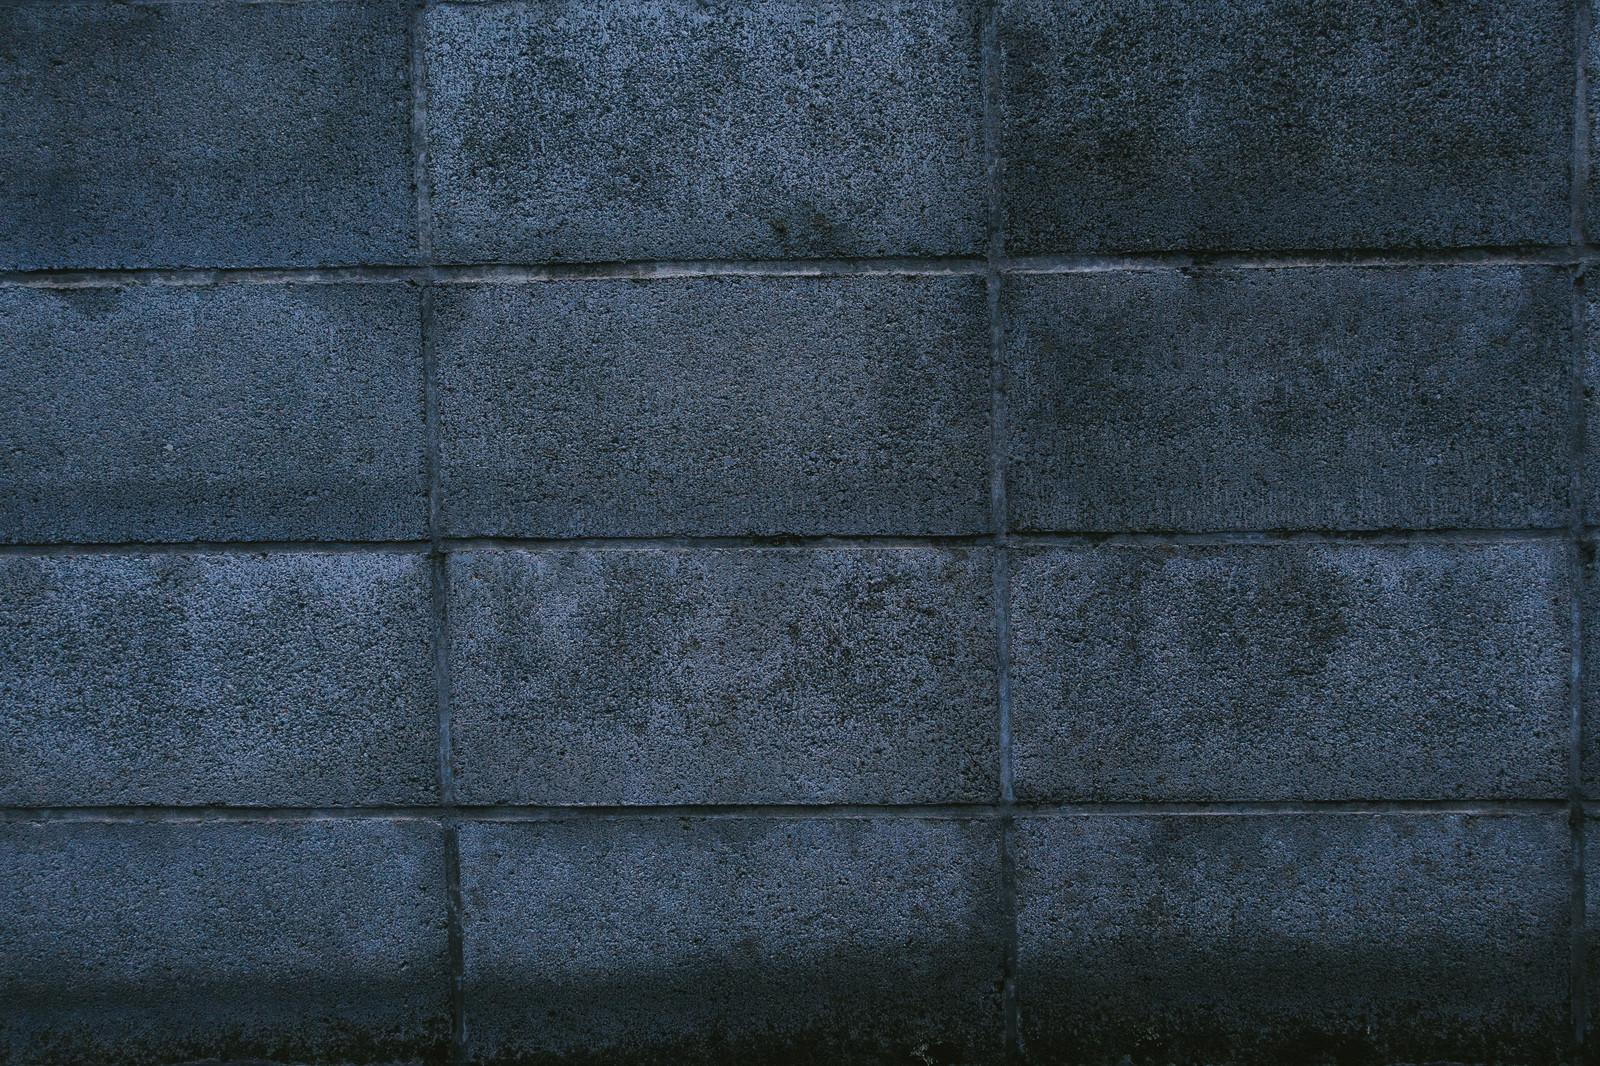 コンクリートブロック塀の画像